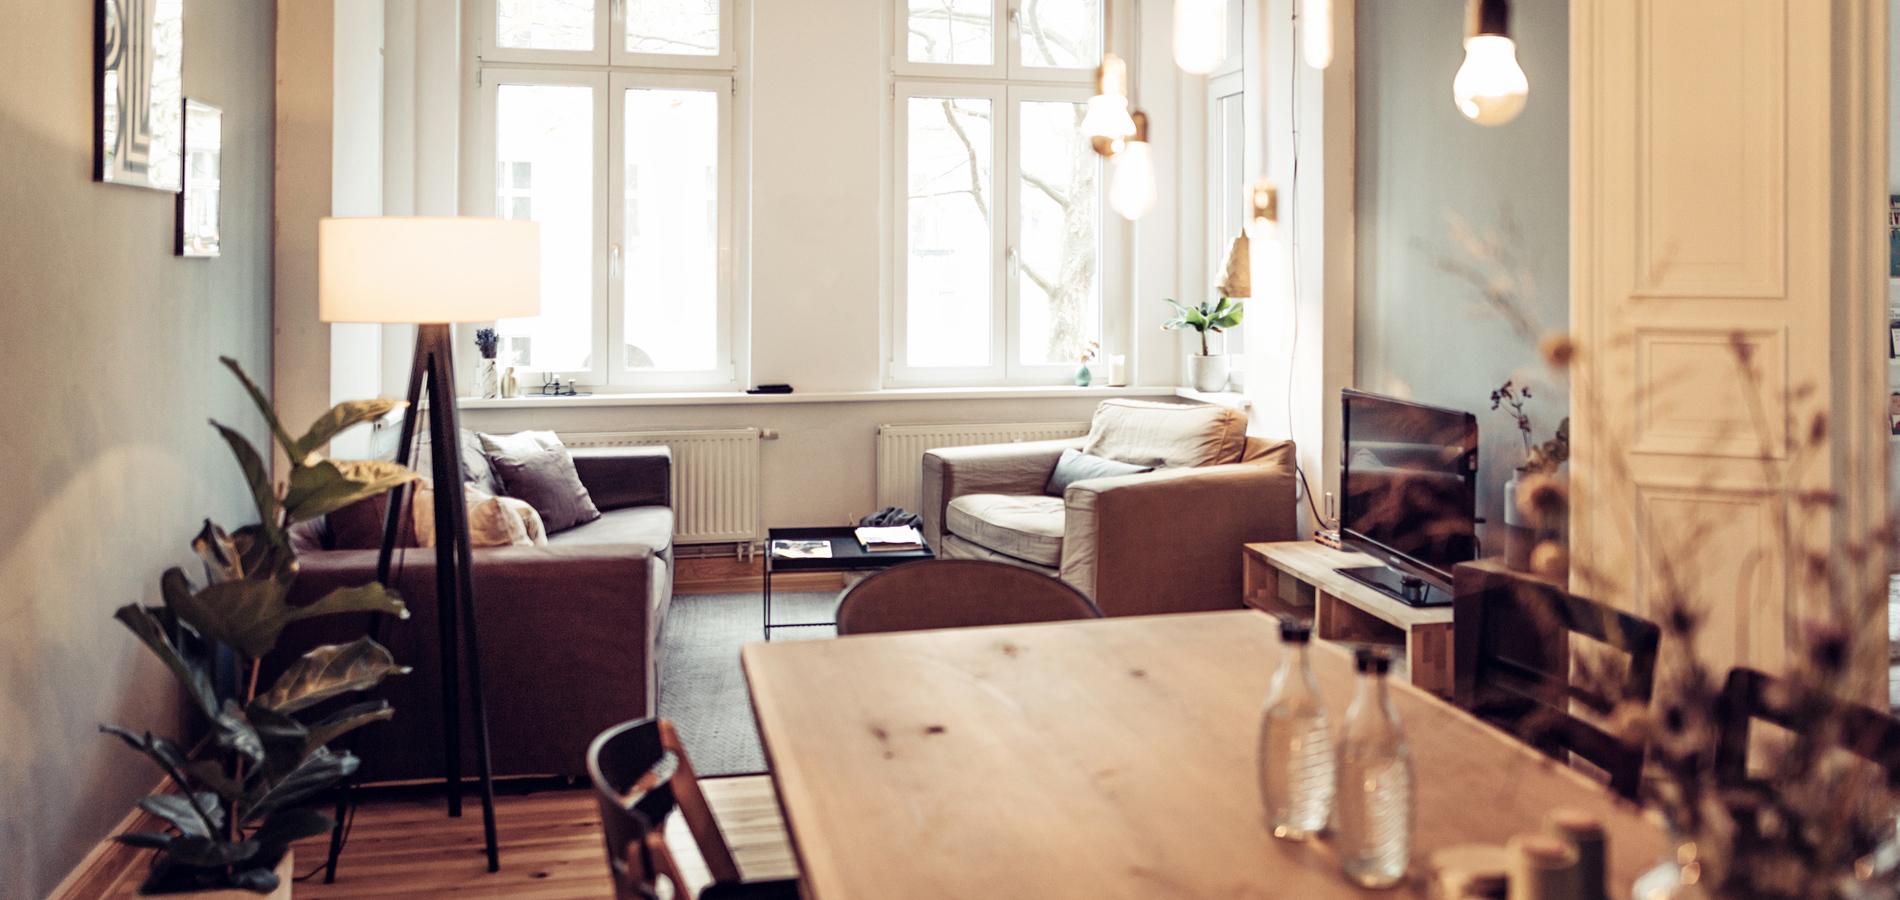 Idee Habillage Mur Interieur peinture moche, mobilier vieillot nos astuces pour